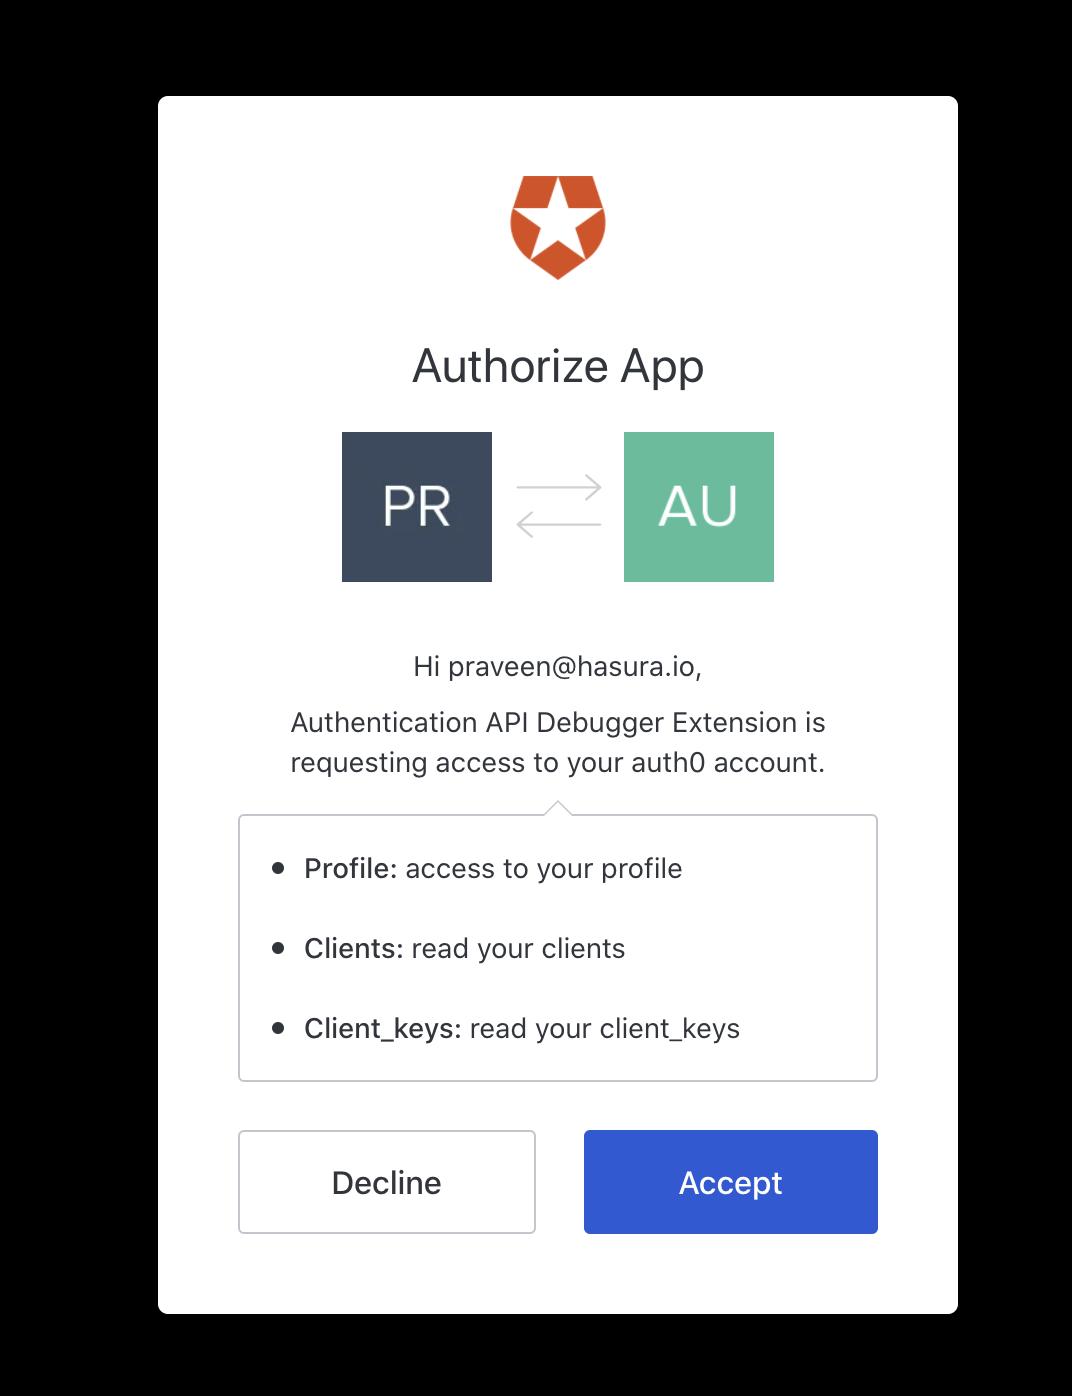 Authorize Auth0 App